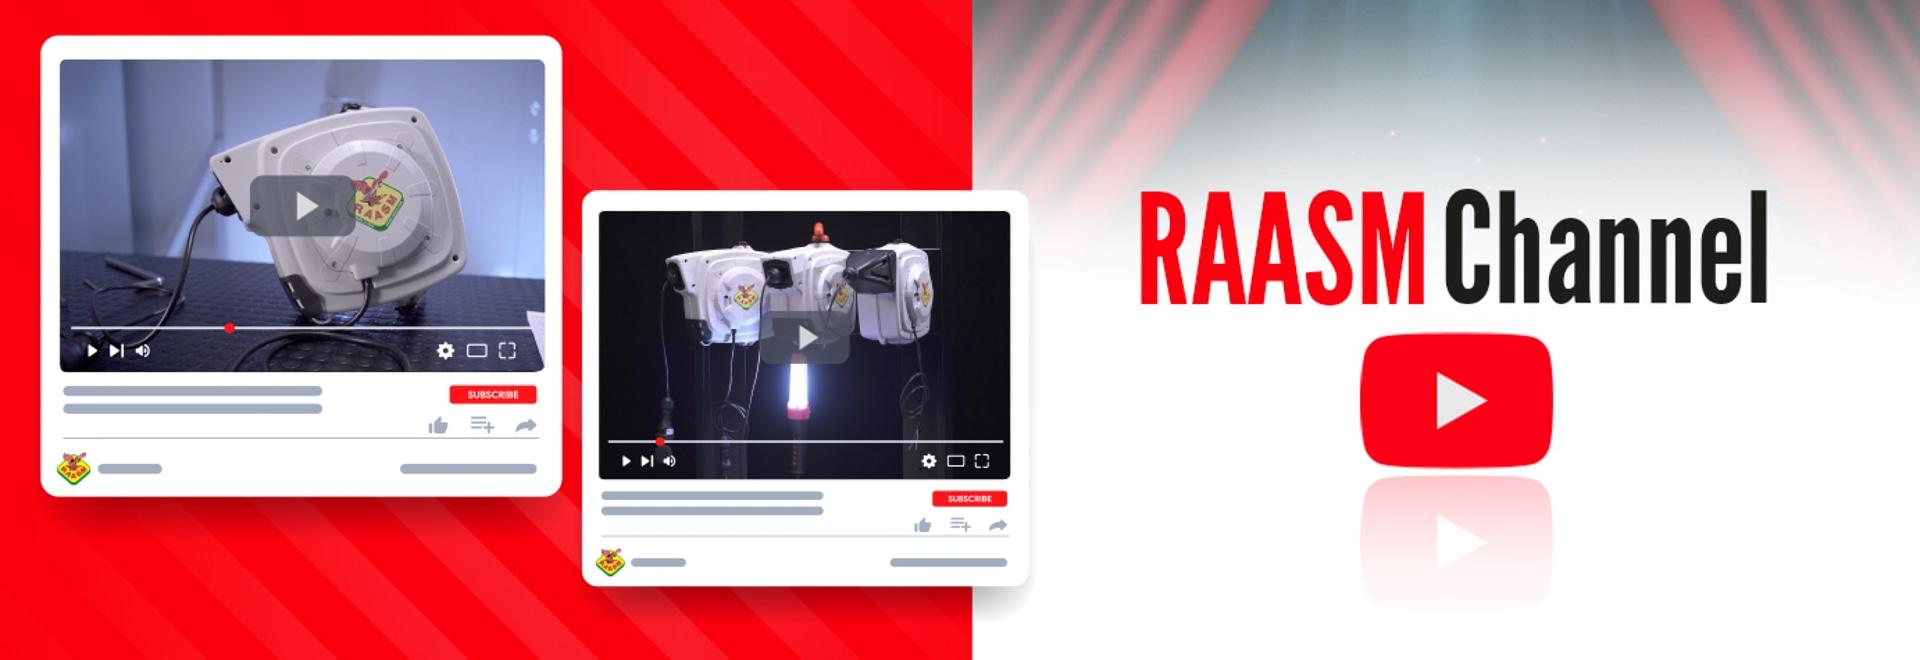 NEUE VIDEOS FÜR DIE ELEKTRISCHEN KABELAUFROLLER VON RAASM